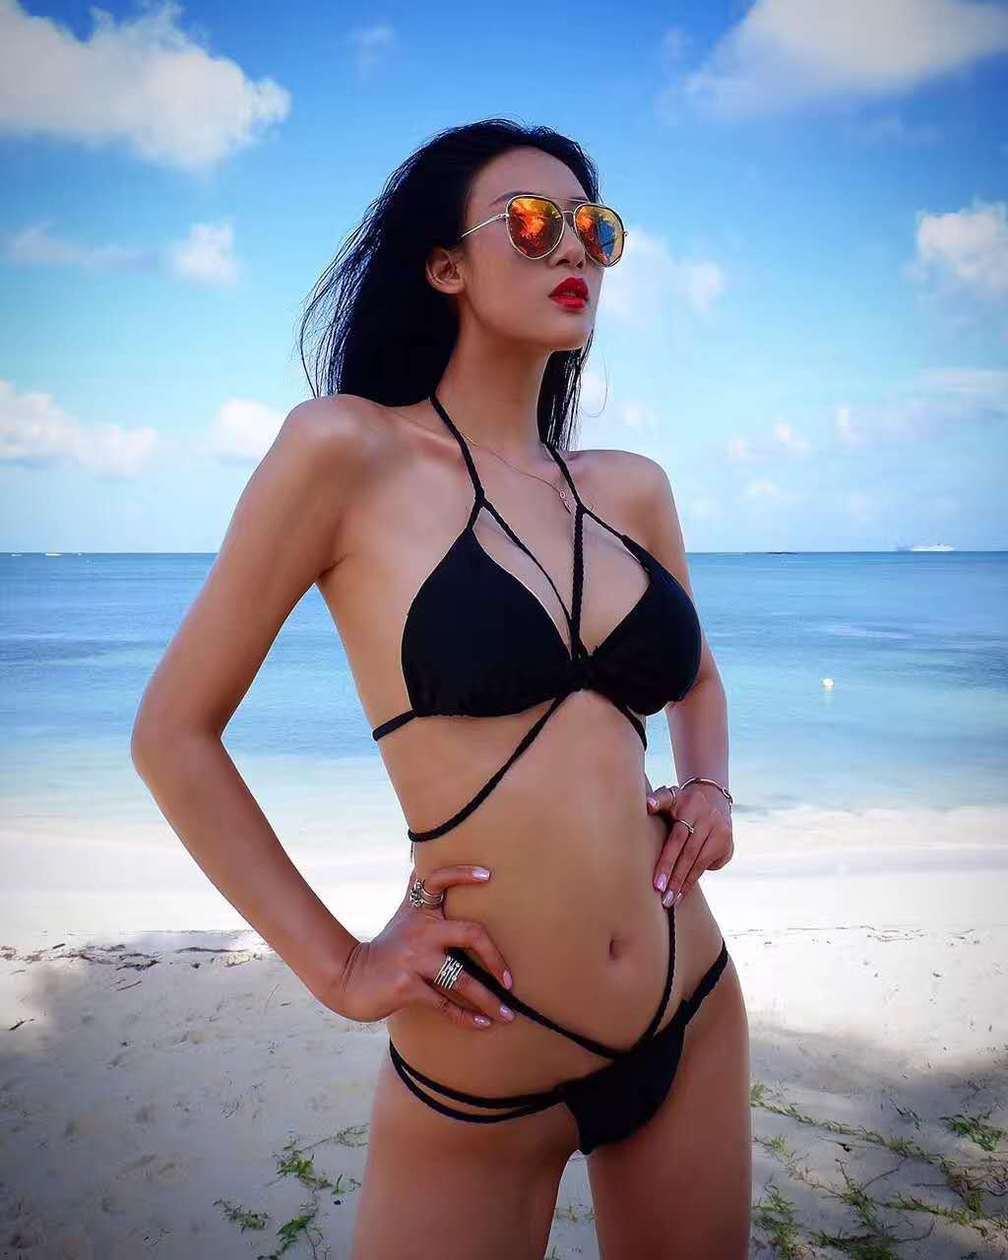 看看2017年夏天的模特演员林夕是否逆成?身材更性感?气质更迷人?